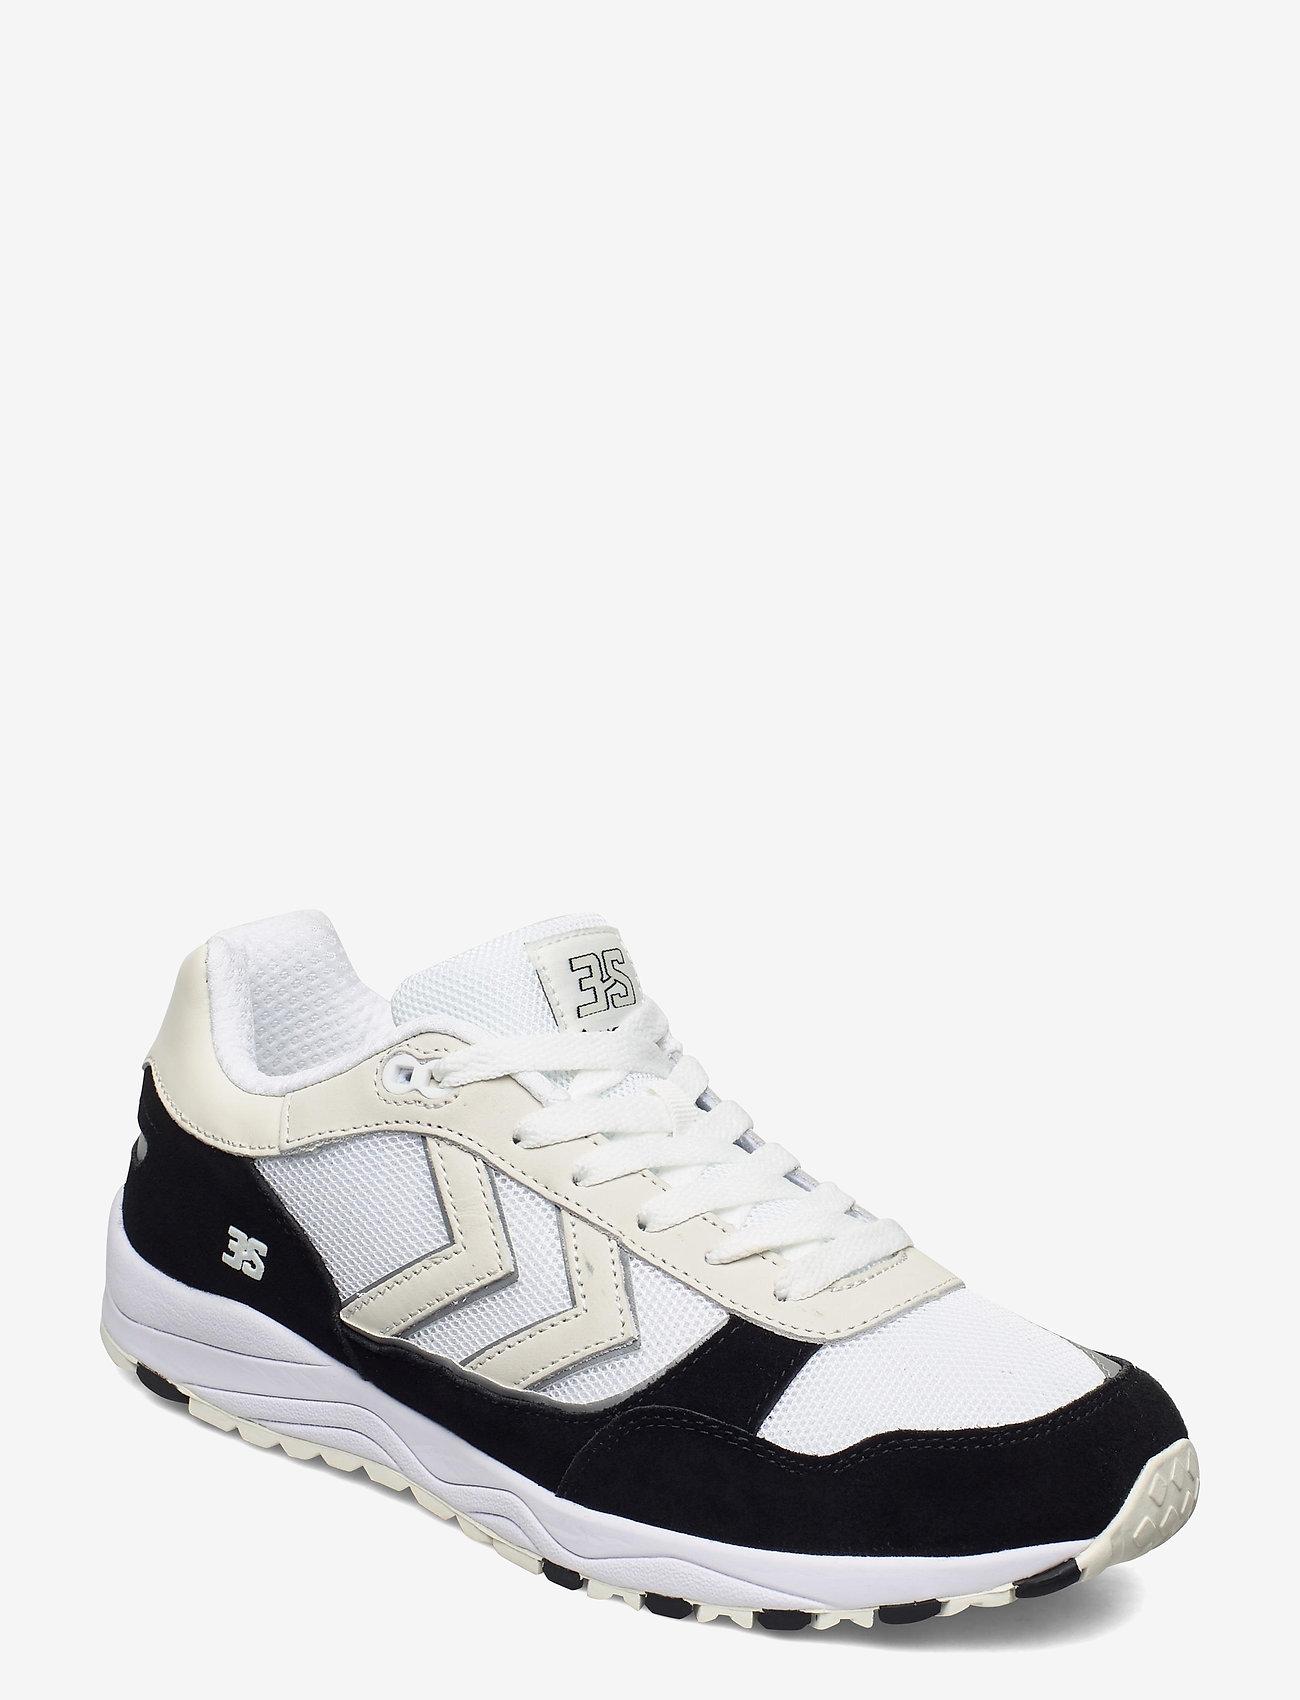 Hummel - 3-S SPORT SUEDE HIVE - laag sneakers - black - 1